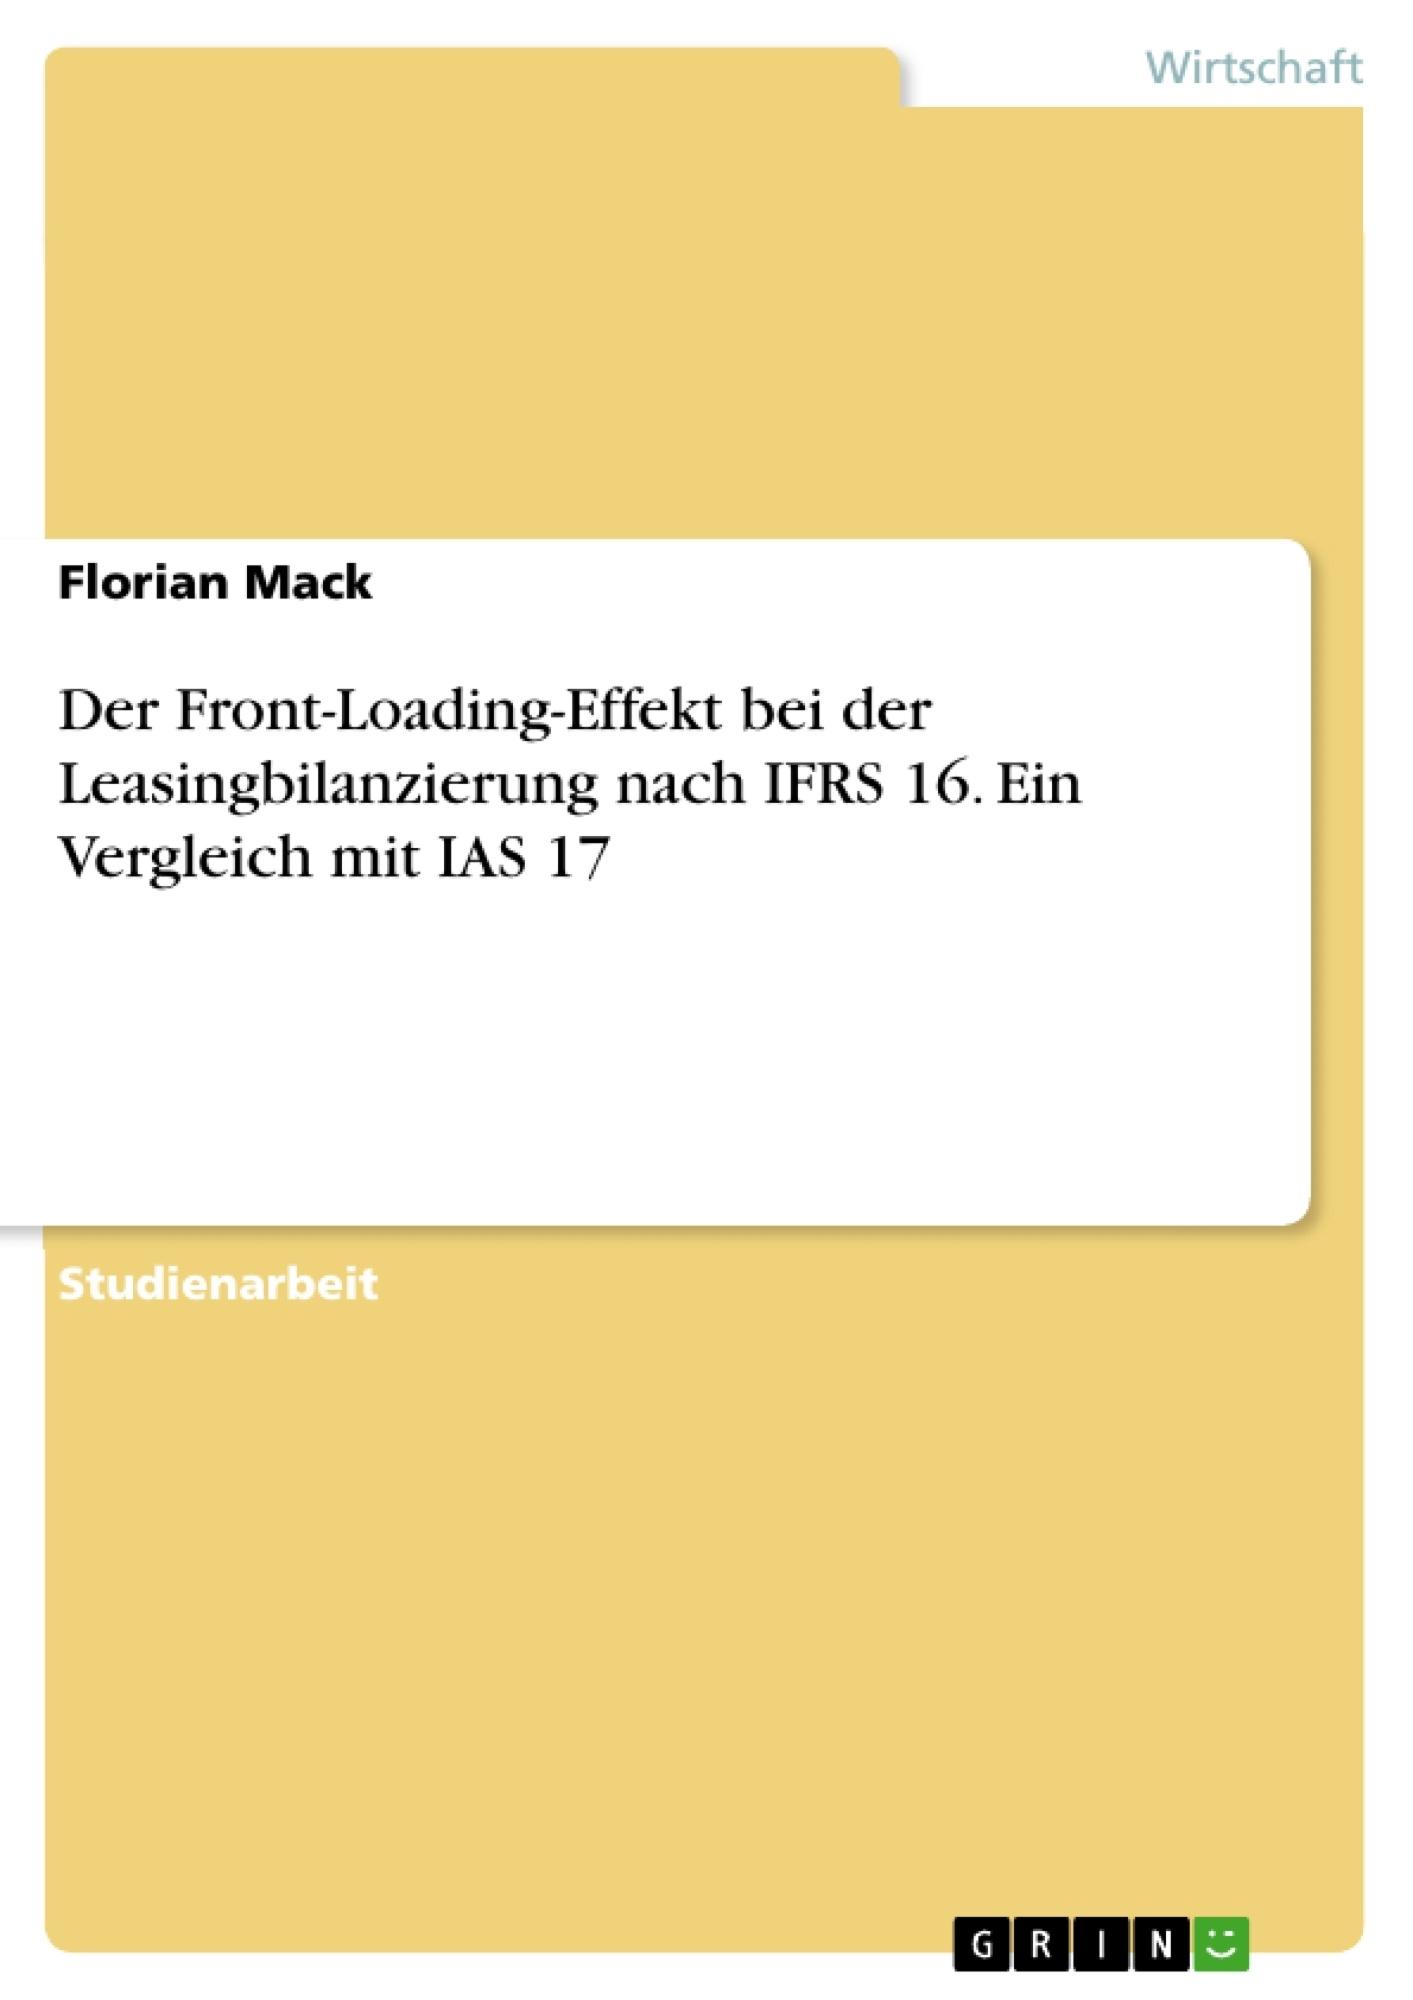 Titel: Der Front-Loading-Effekt bei der Leasingbilanzierung nach IFRS 16. Ein Vergleich mit IAS 17